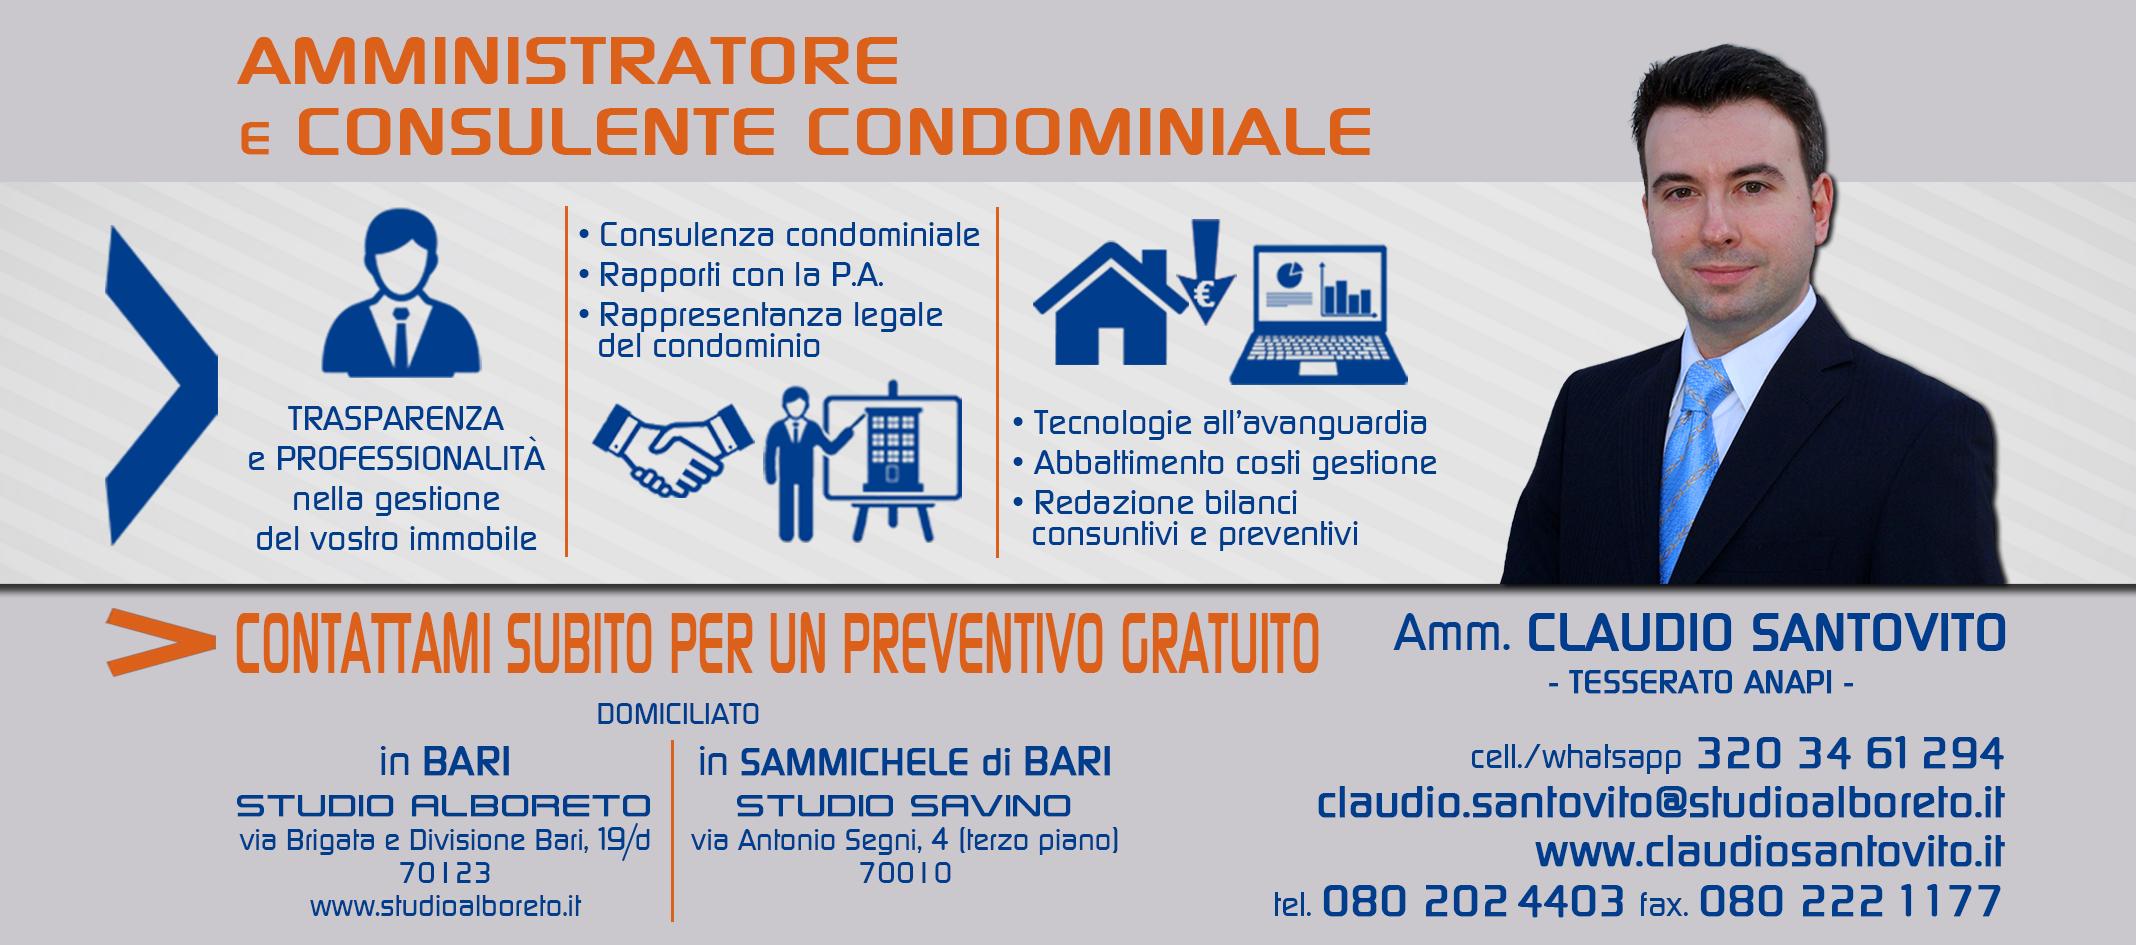 Claudio santovito amministratore di condominio a bari for Amministratore di condominio doveri